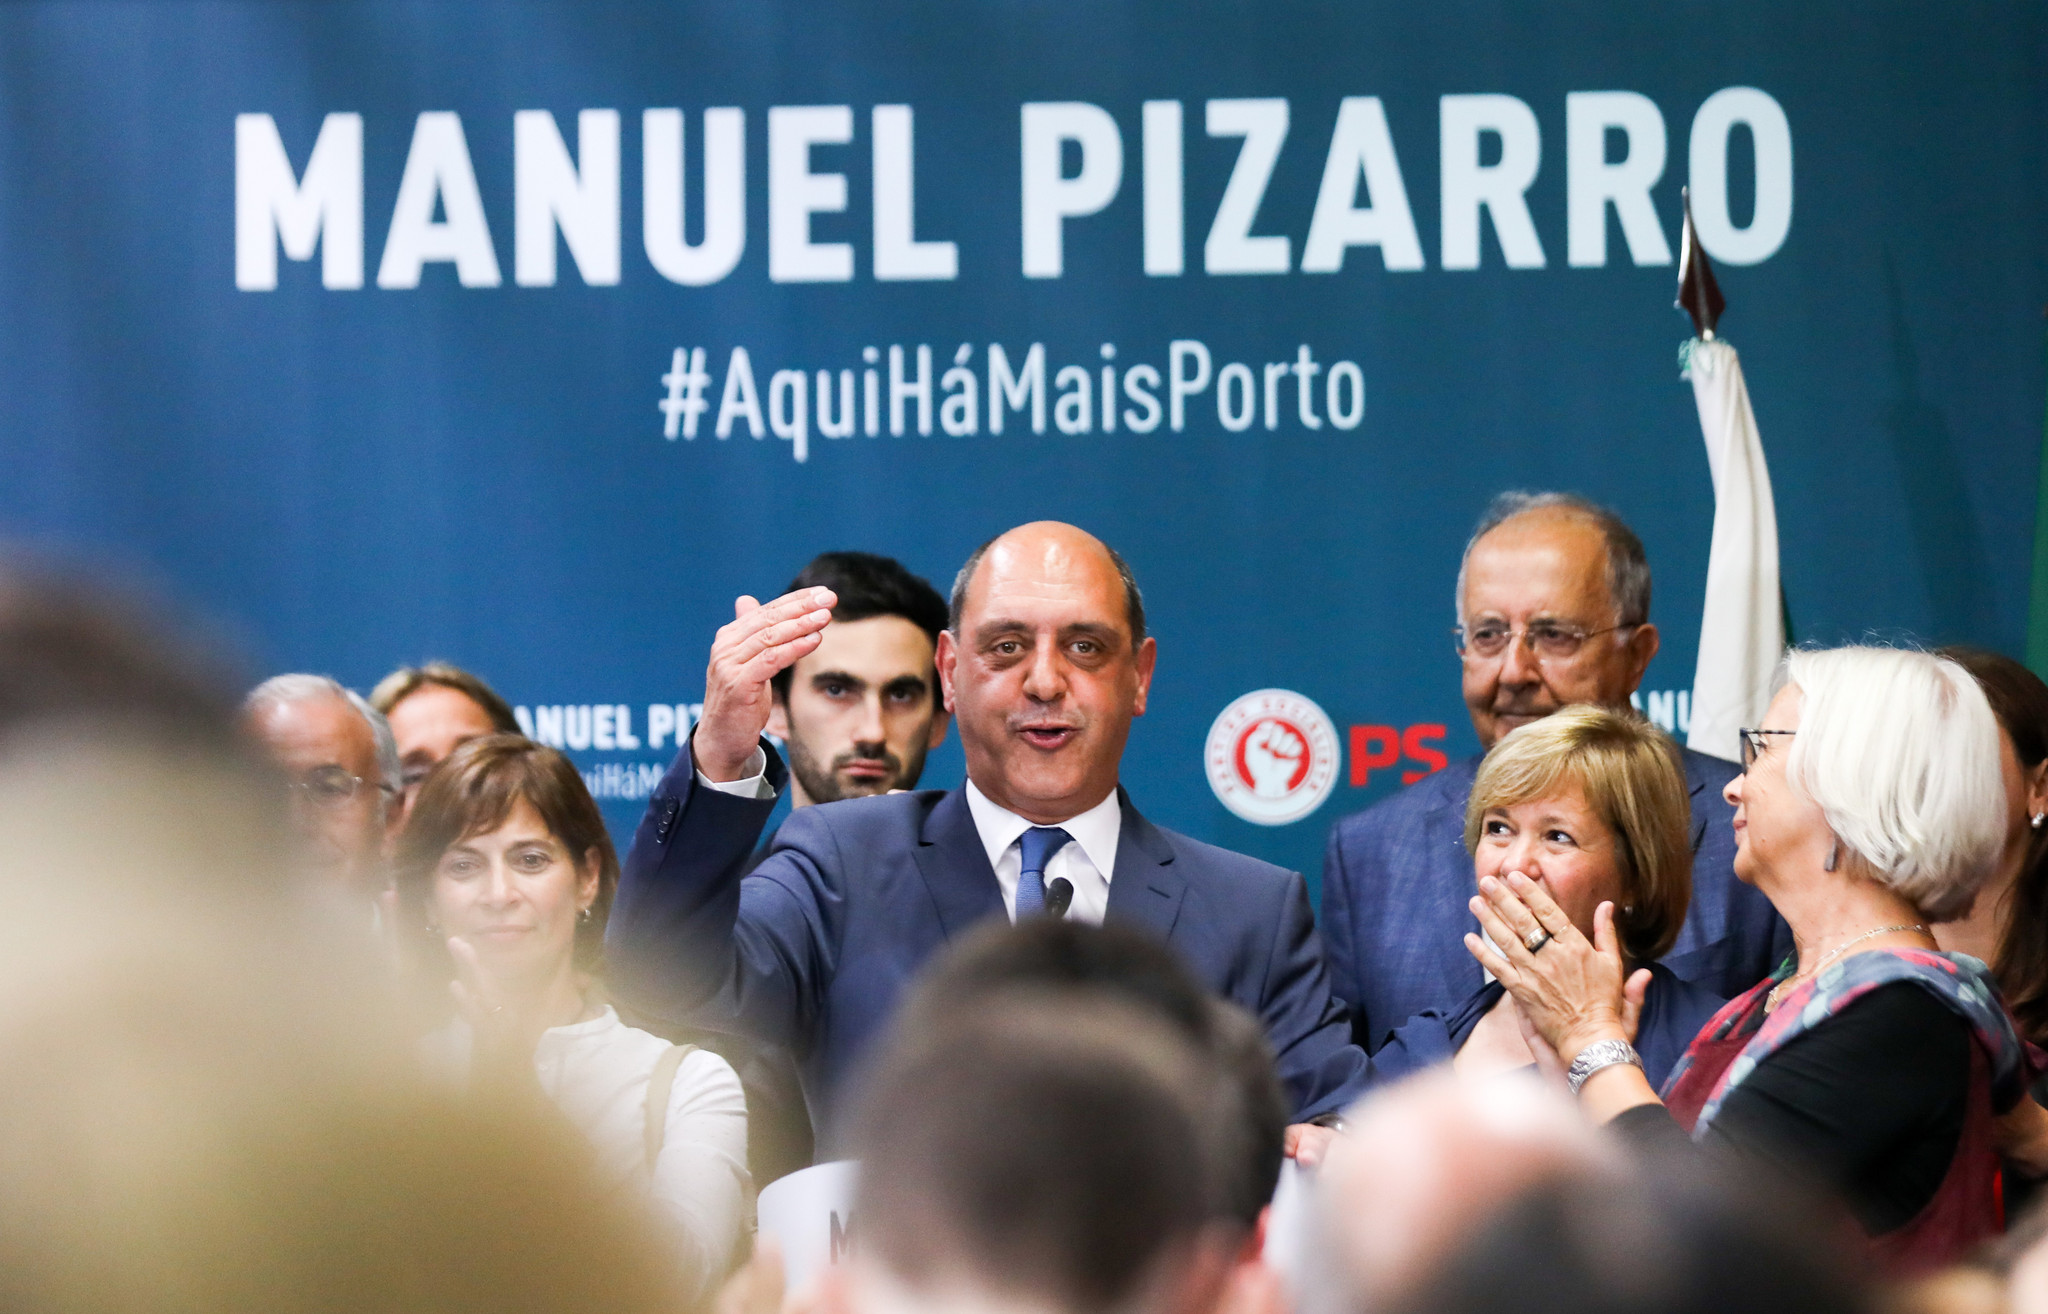 Fotos da noite eleitoral na sede de Manuel Pizarro